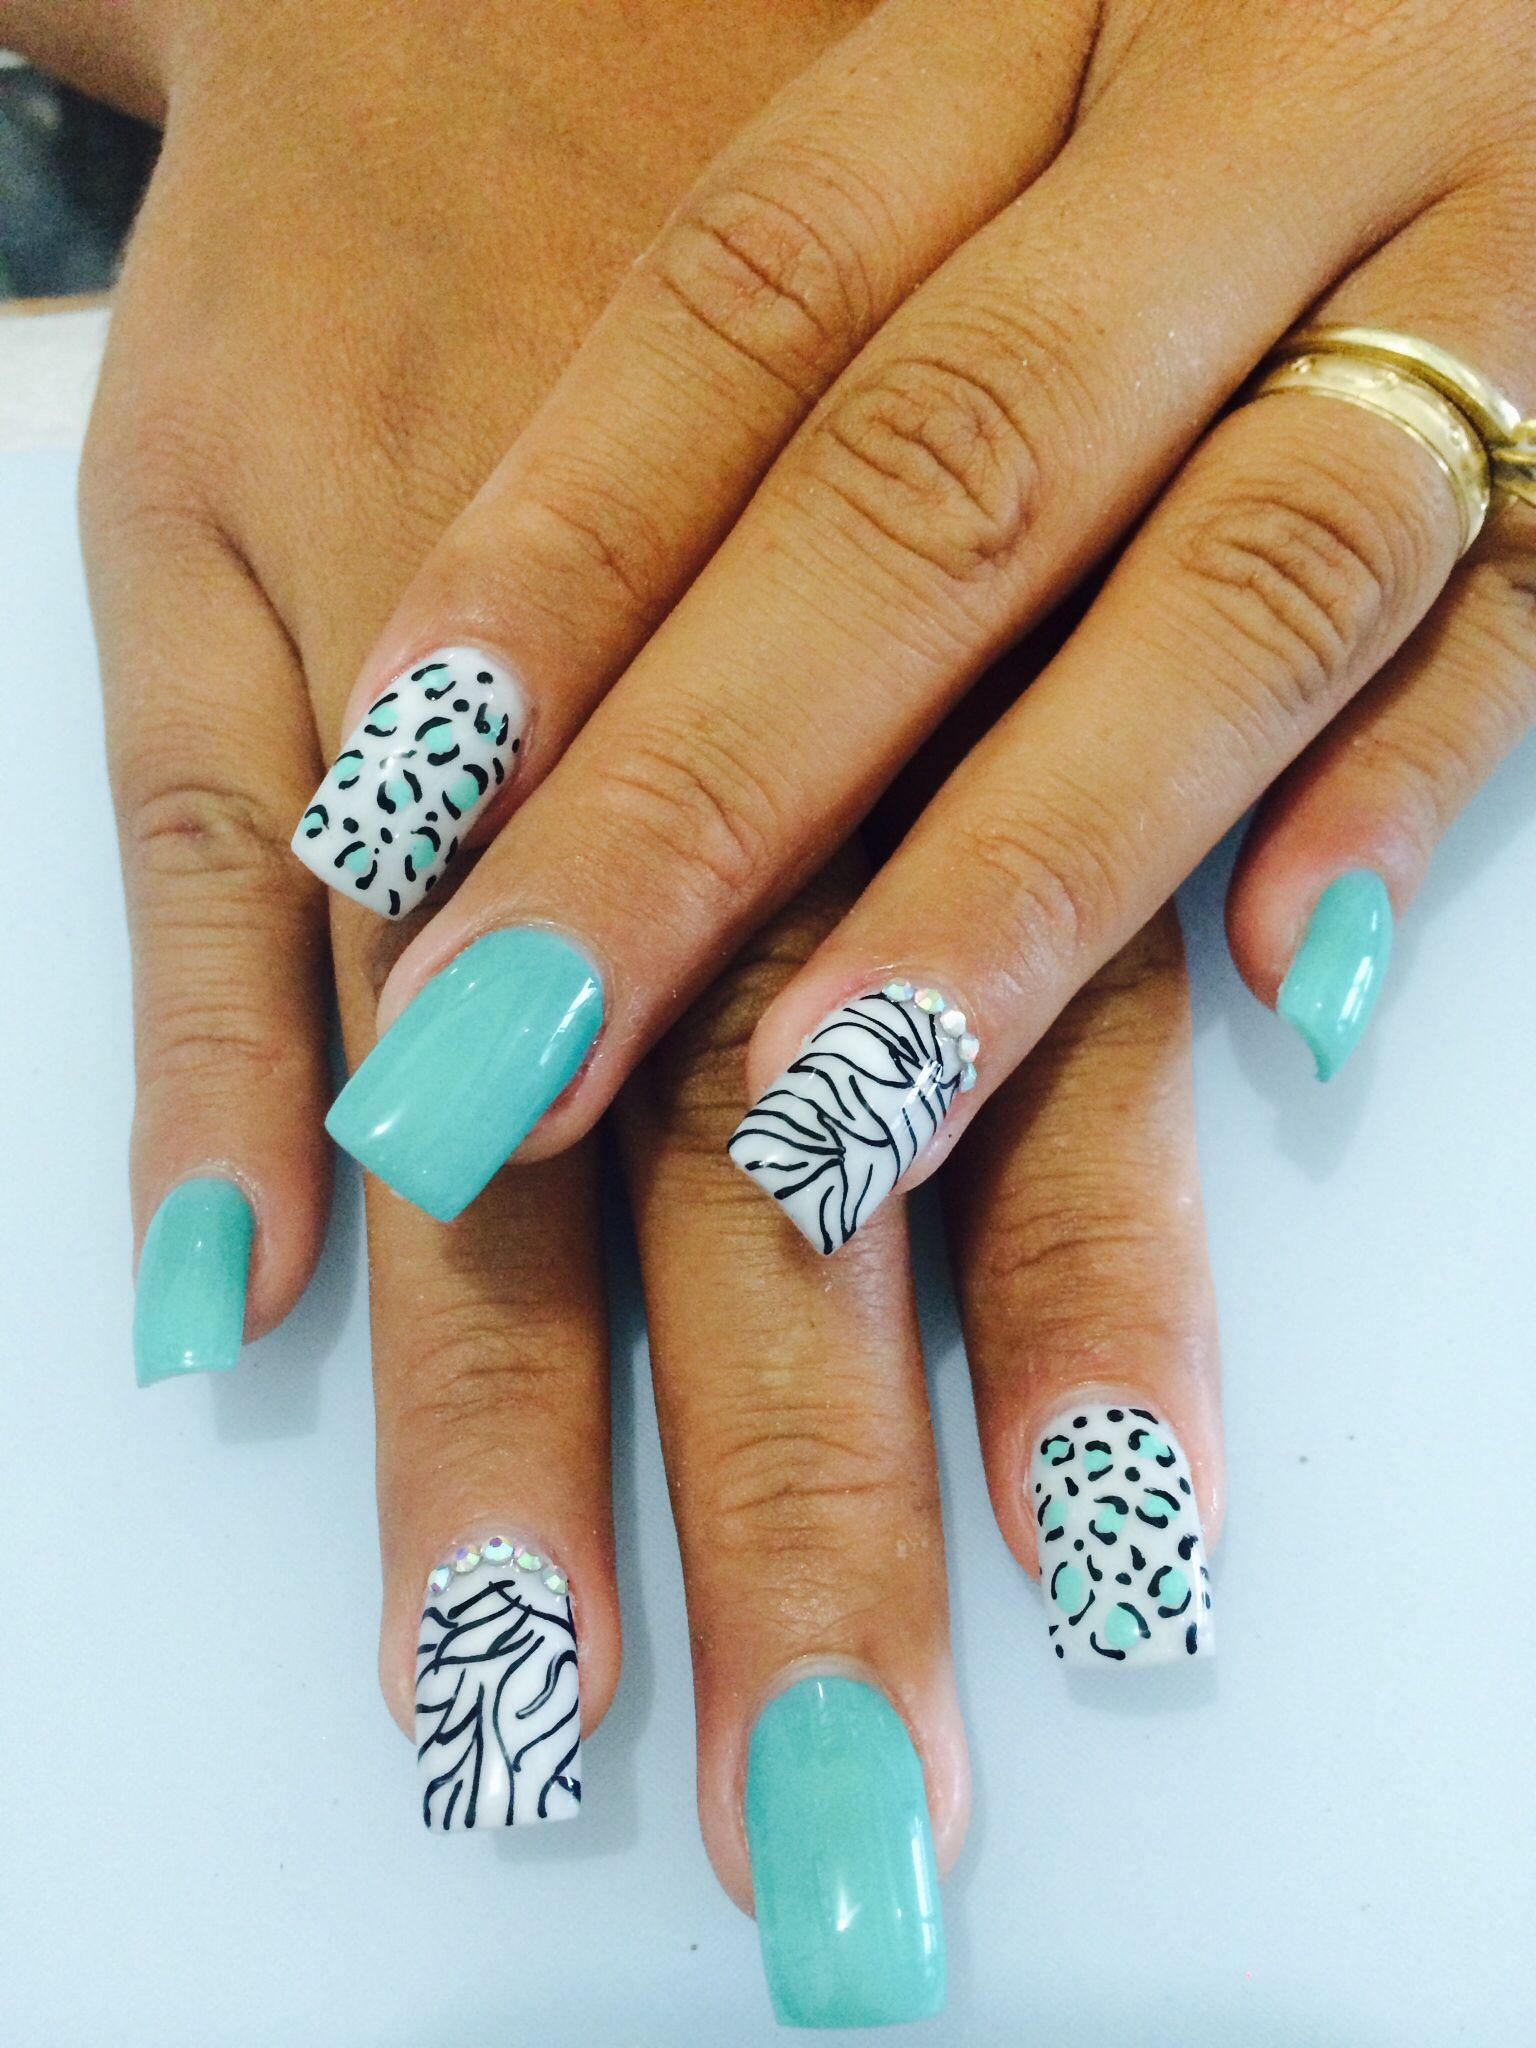 Uñas color menta | Diseños uñas | Pinterest | Color menta, Menta y Color